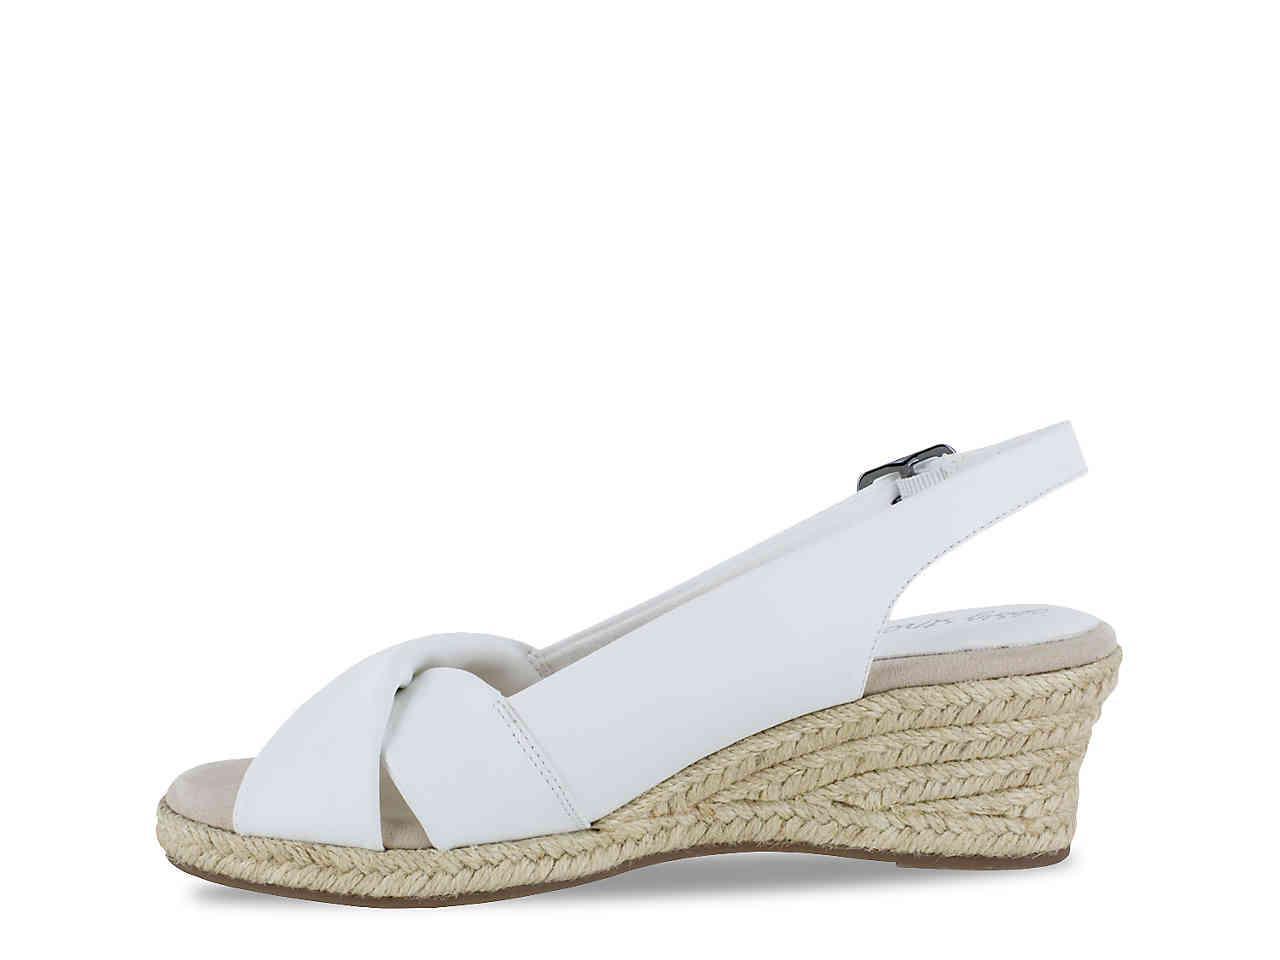 904f00cbe529 Easy Street - White Maureen Espadrille Slingback Sandals - Lyst. View  fullscreen